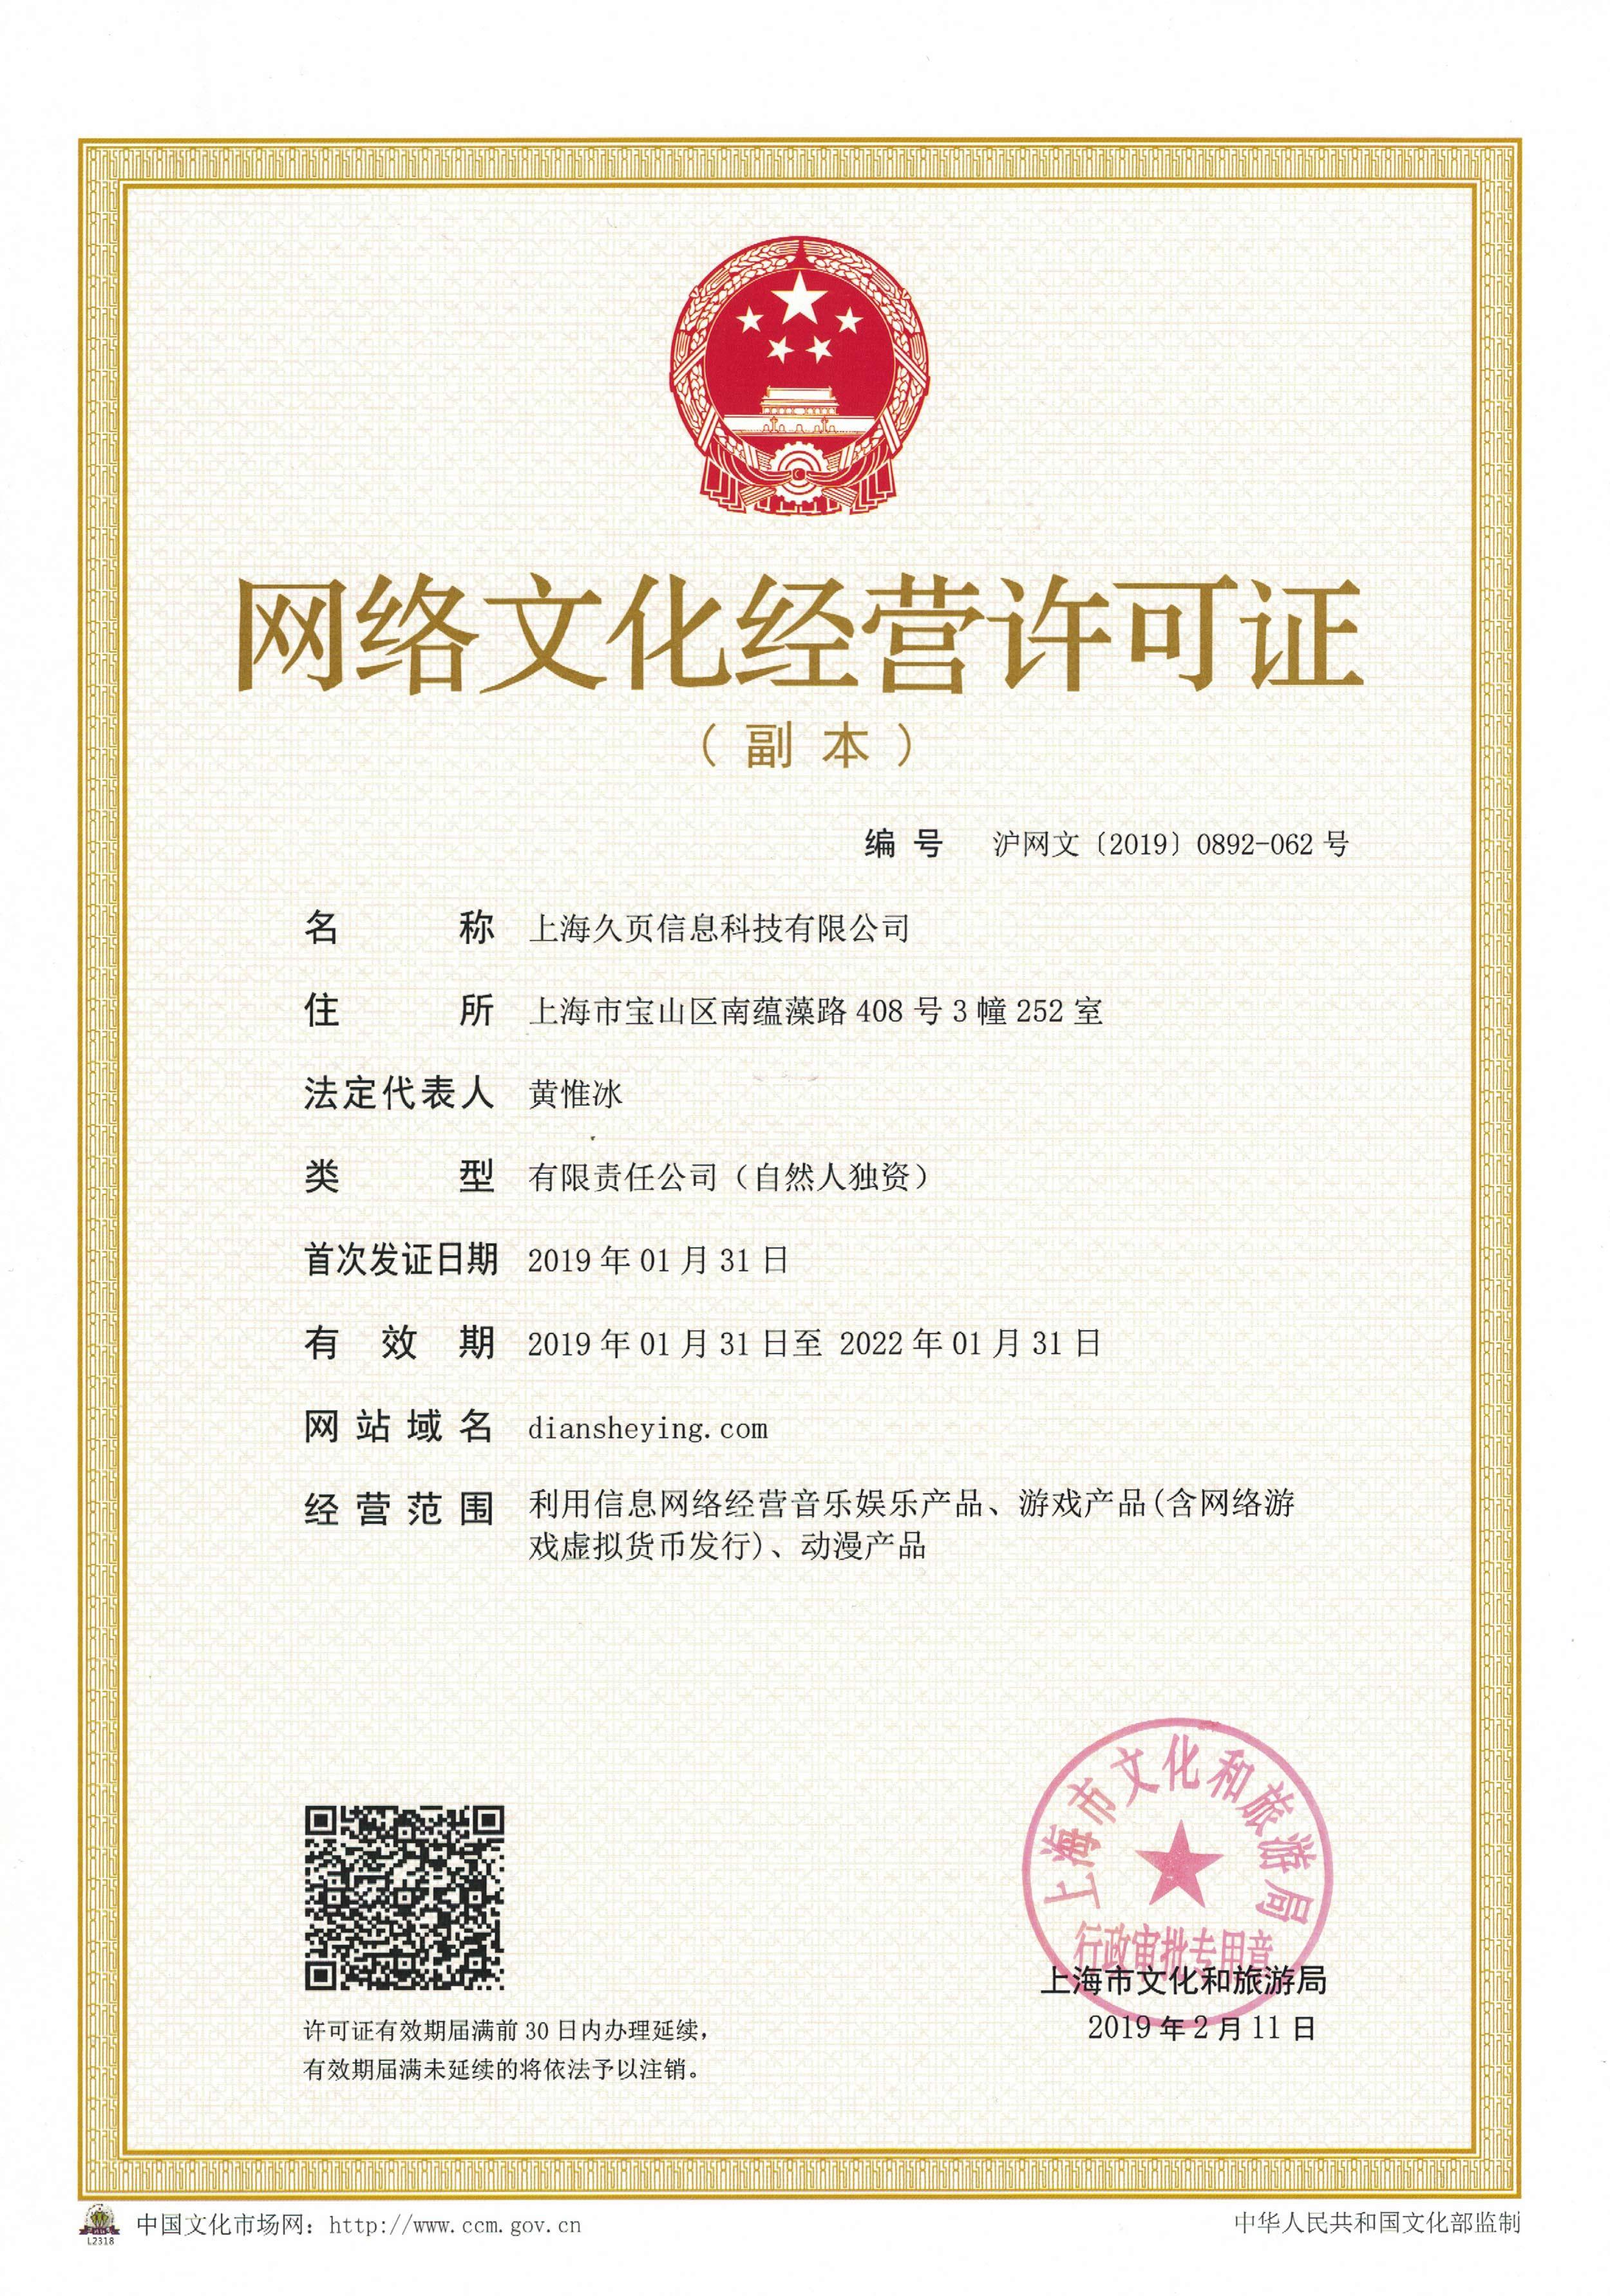 網絡文化經營許可證(副本)--久頁--201902.jpg